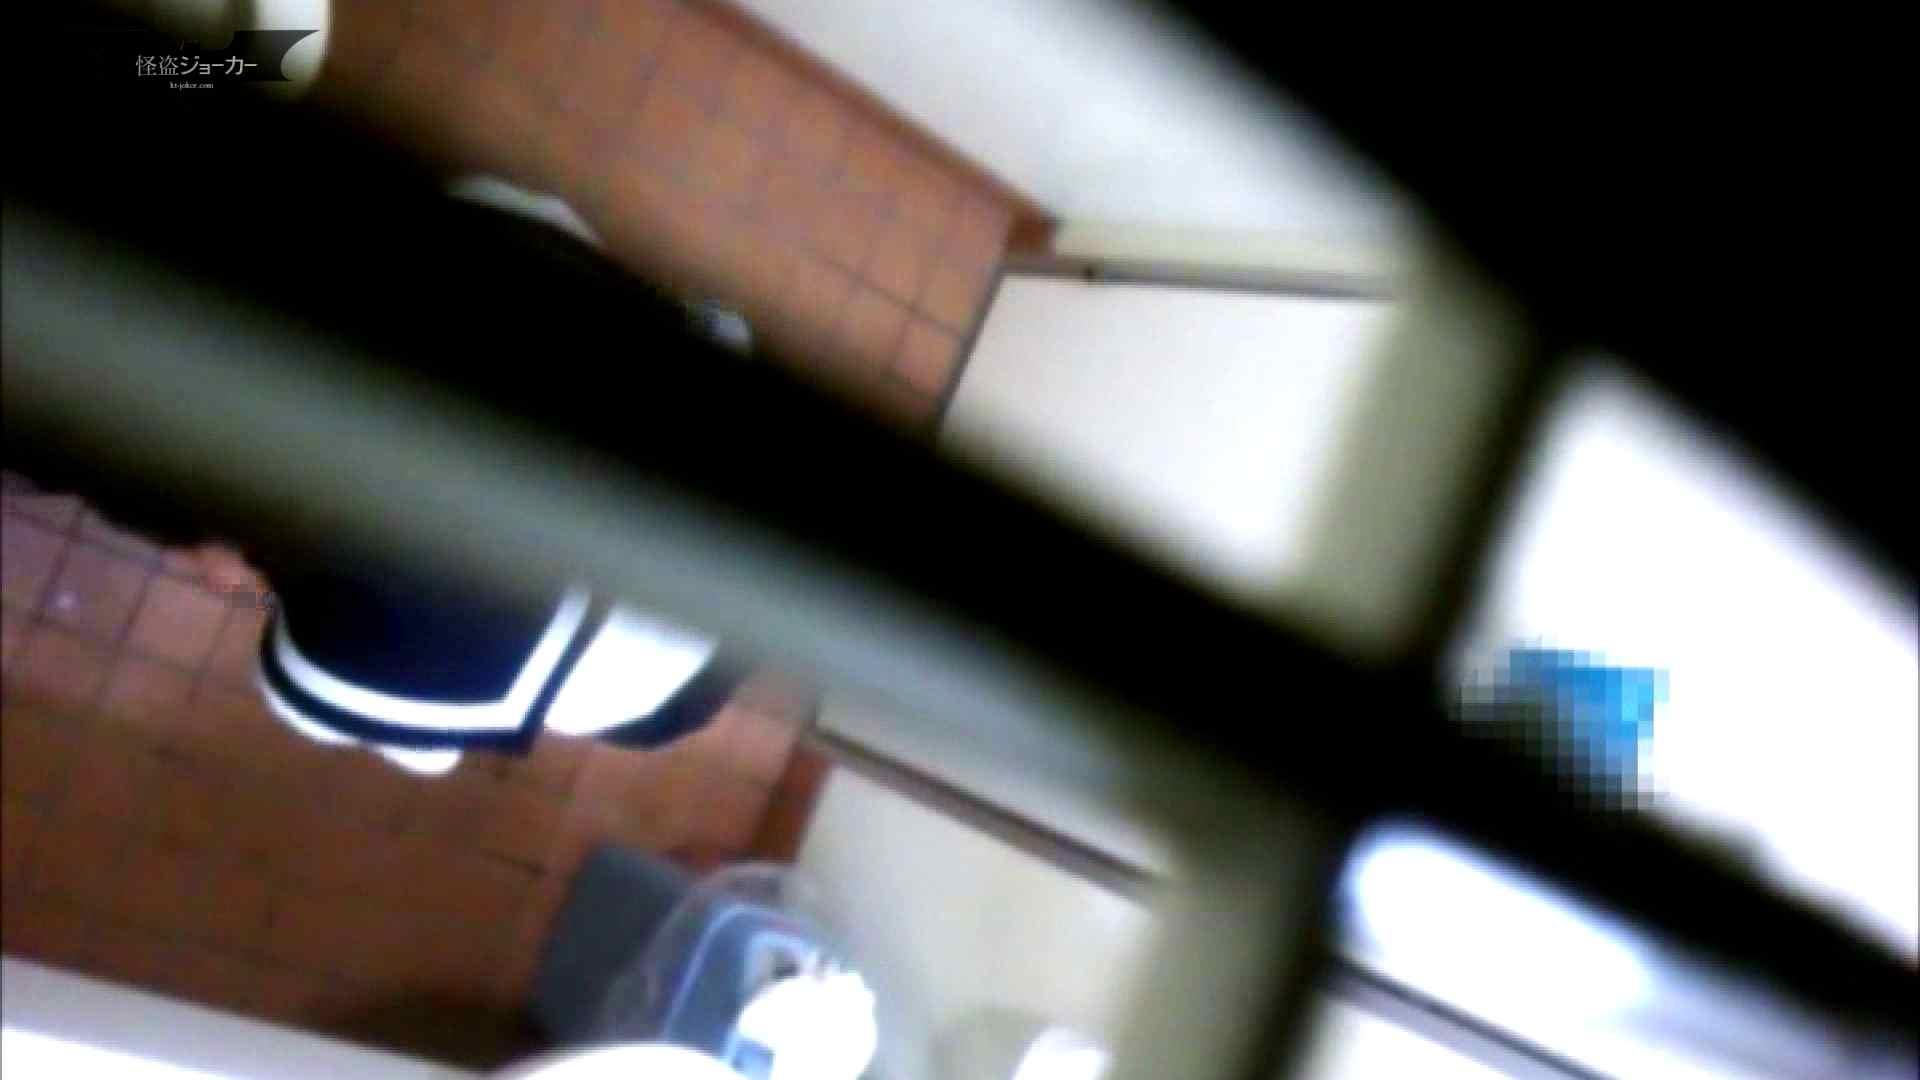 店長代理の盗撮録 Vol.02 制服ばかりをあつめてみました。その2 洗面所  95PIX 88